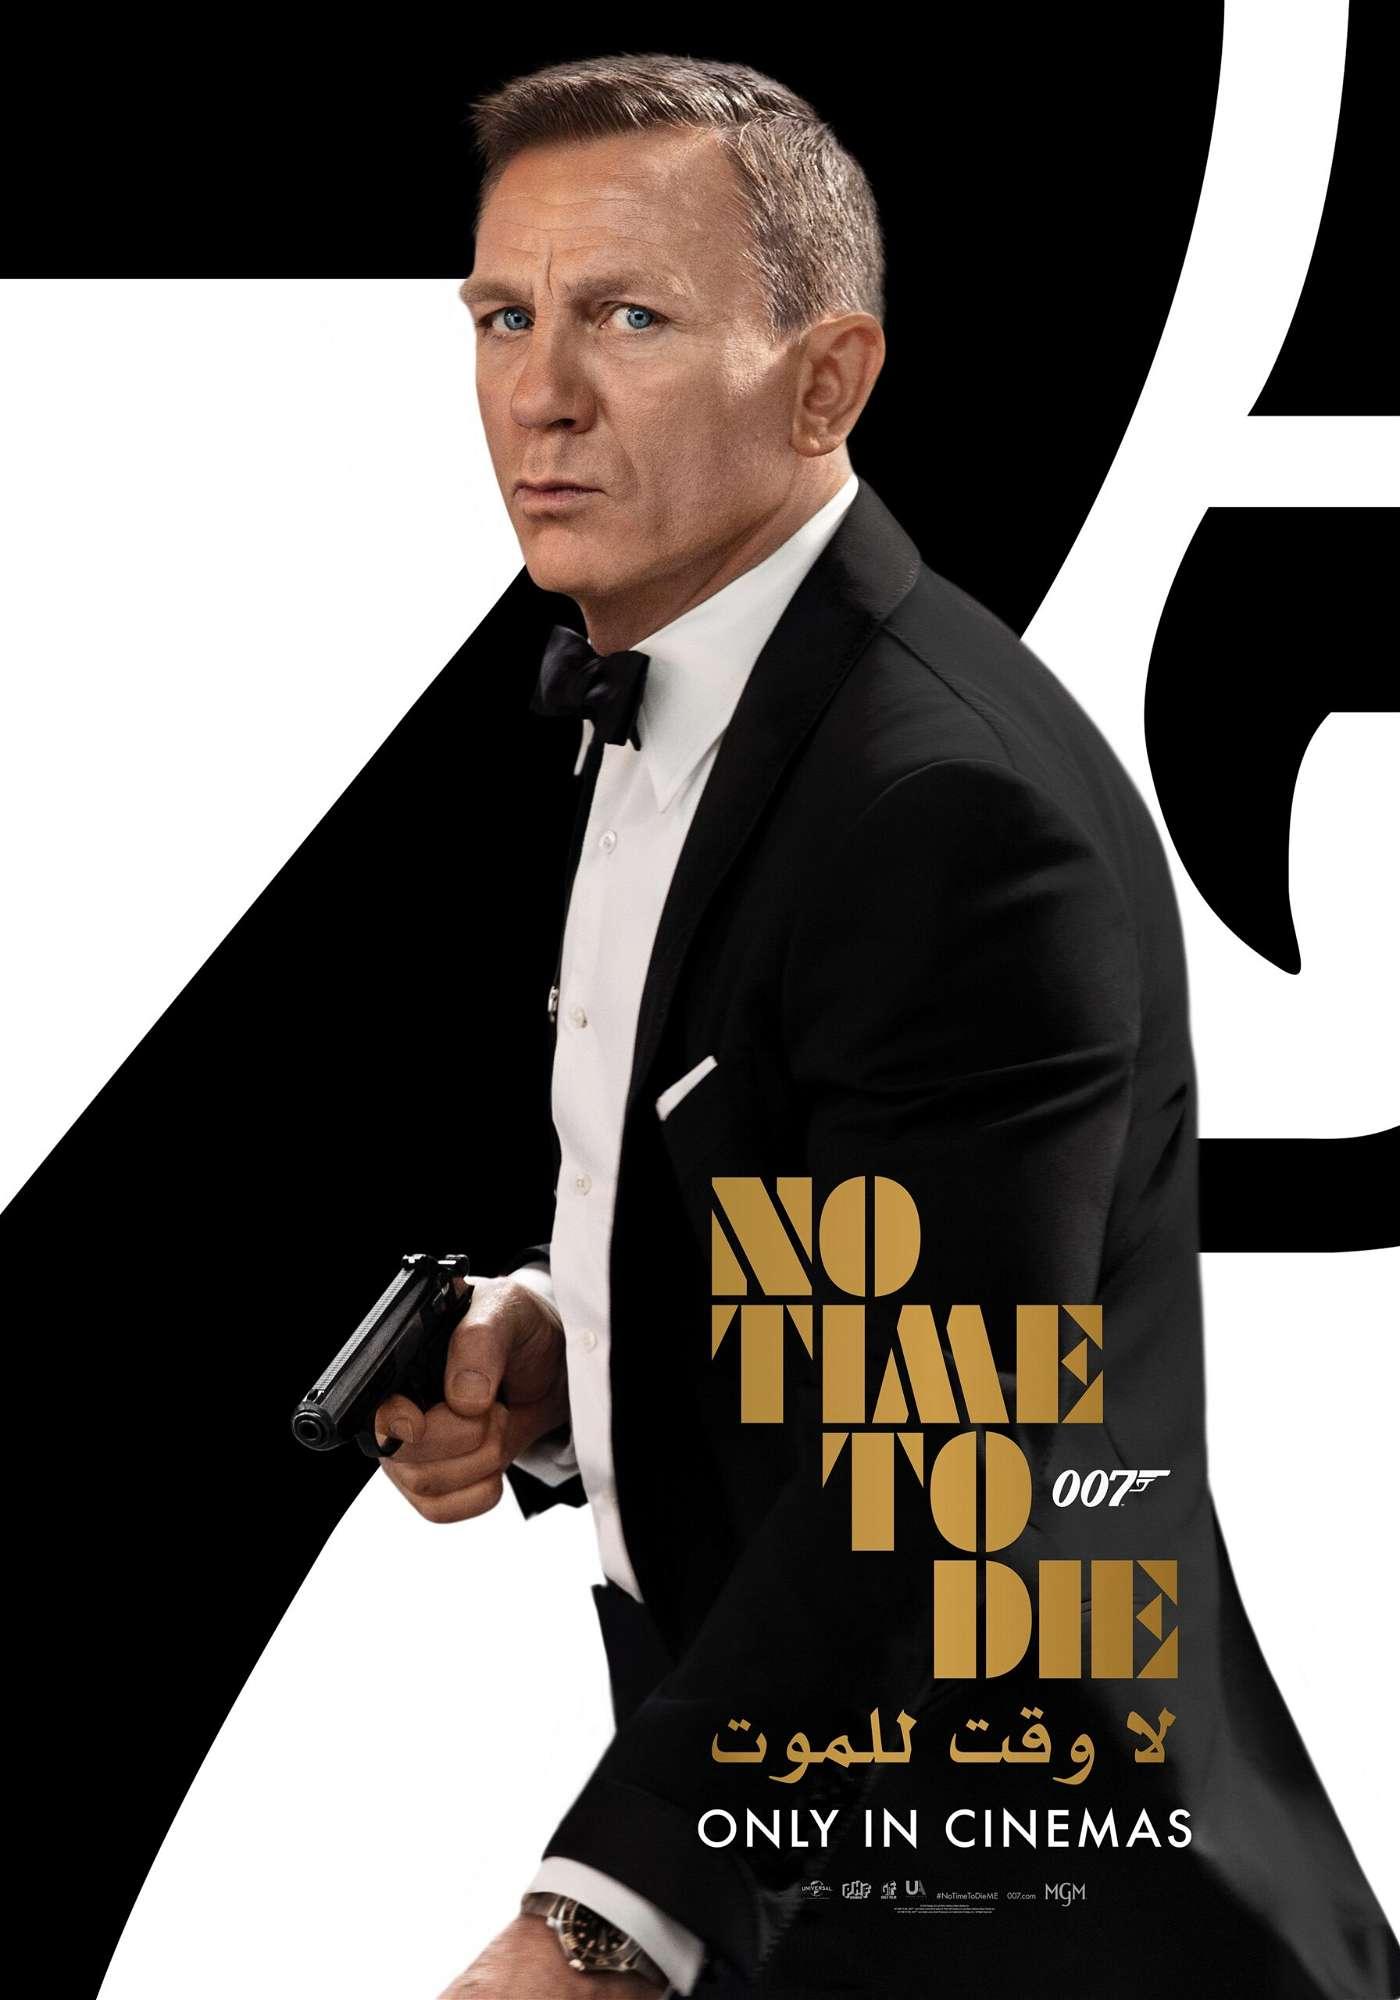 فيلم NO TIME TO DIE يعرض في دور سينما الشرق الأوسط من 30 سبتمبر